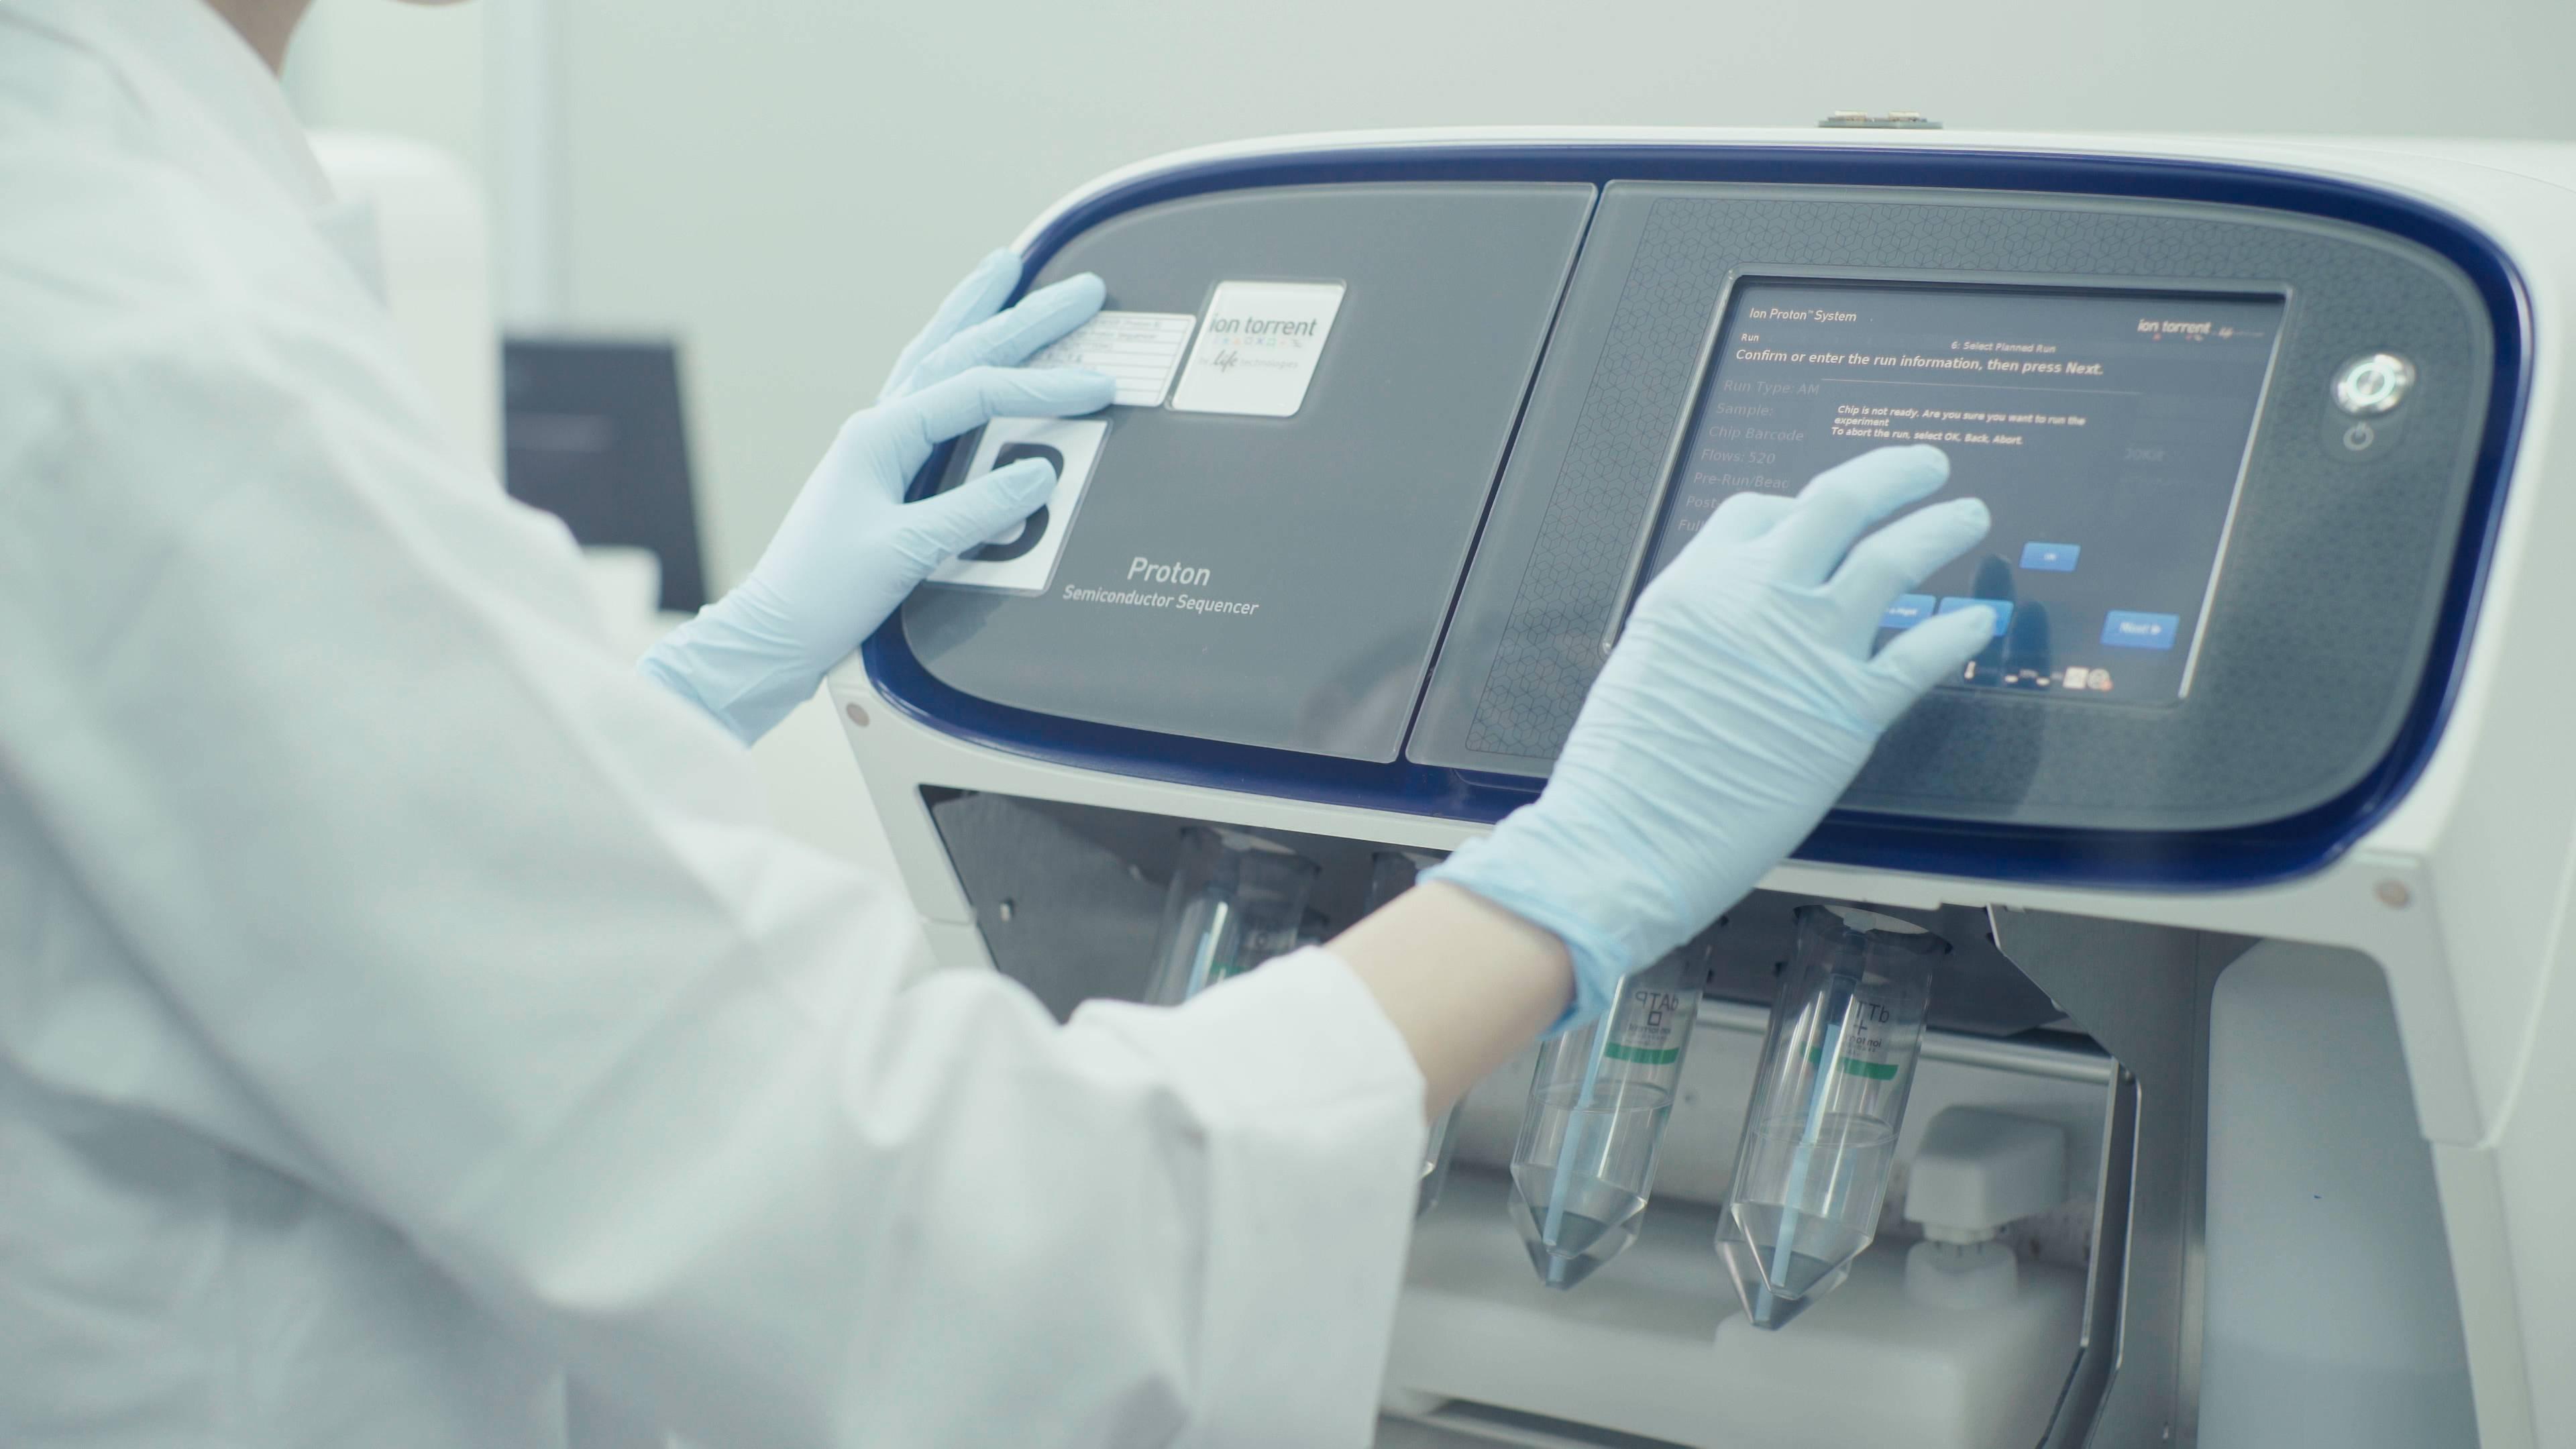 行動基因為原廠認證Ion Torrent服務供應商,並運用此平台進行次世代癌症基因檢測服務